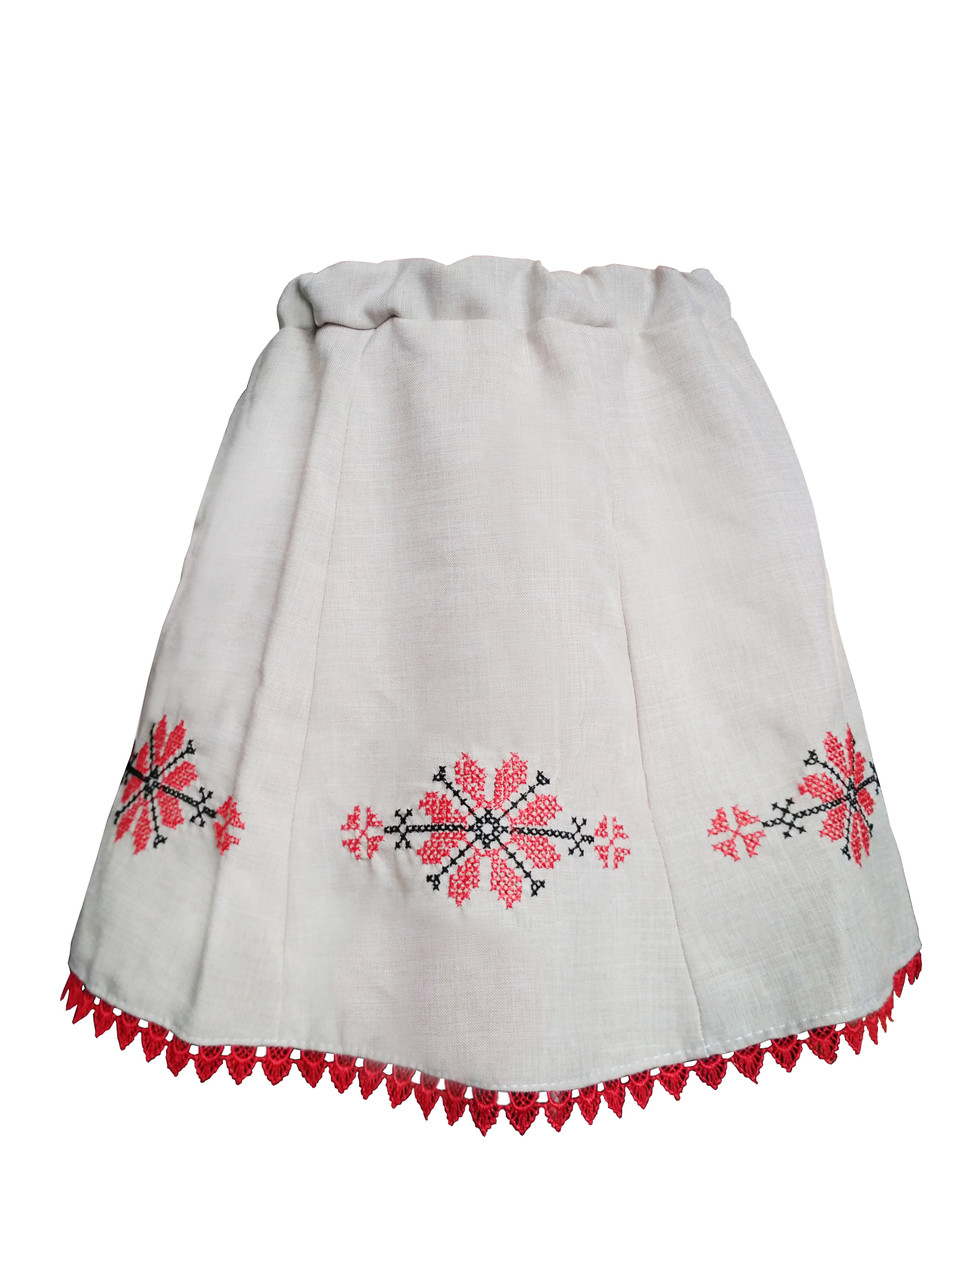 bb16e5e3a7ff48 Лляна вишита спідниця для дівчинки в українському стилі купити ...